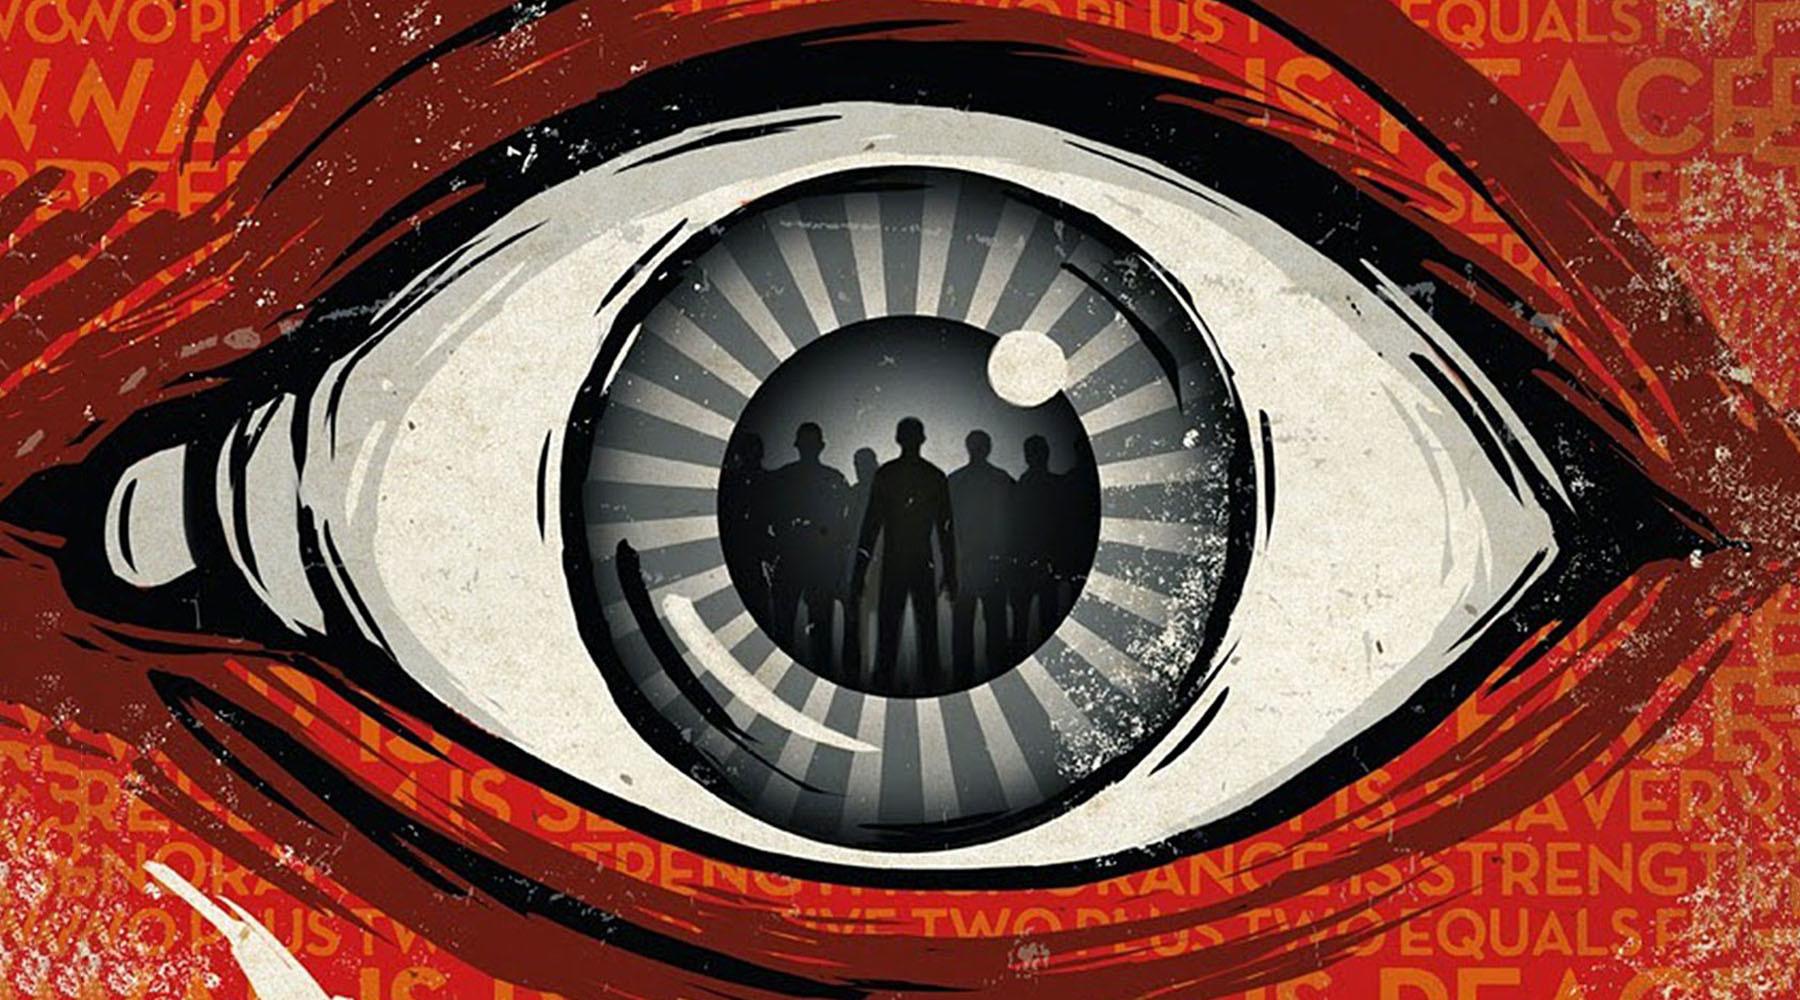 «Кто управляет прошлым — тот управляет будущим»: сбылись ли опасения Джорджа Оруэлла?